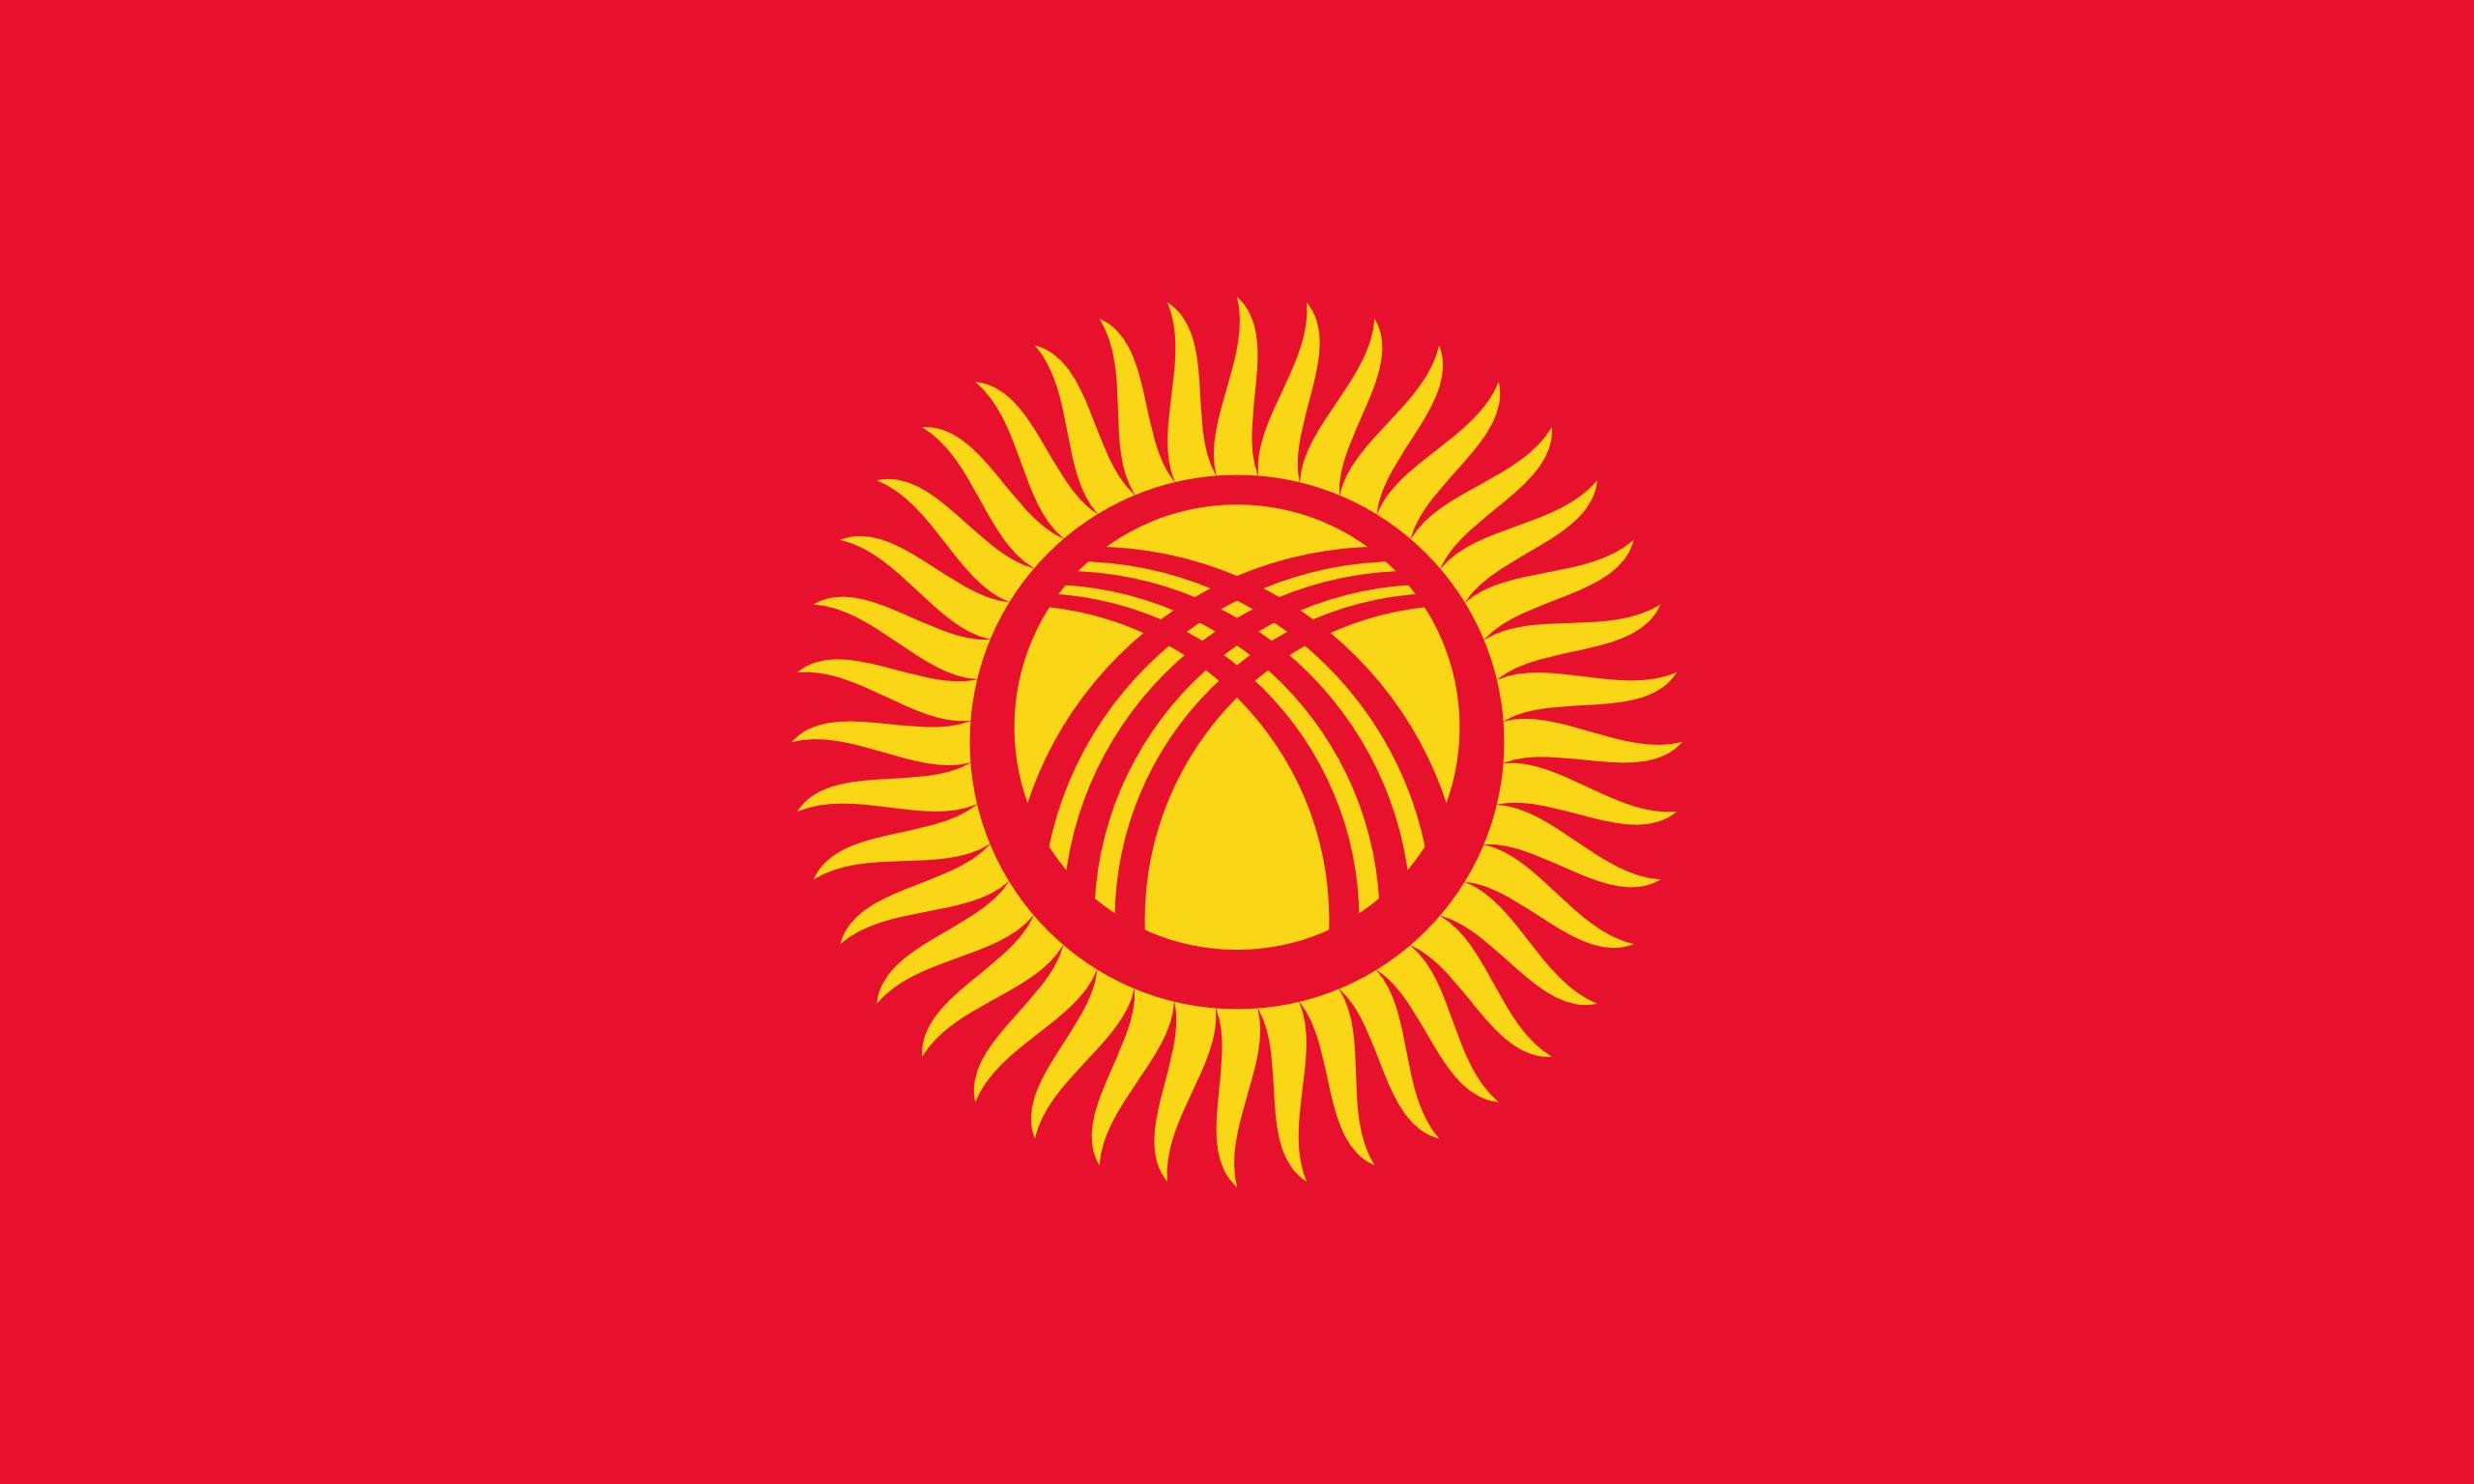 kirguistán, χώρα, έμβλημα, λογότυπο, σύμβολο - Wallpapers HD - Professor-falken.com